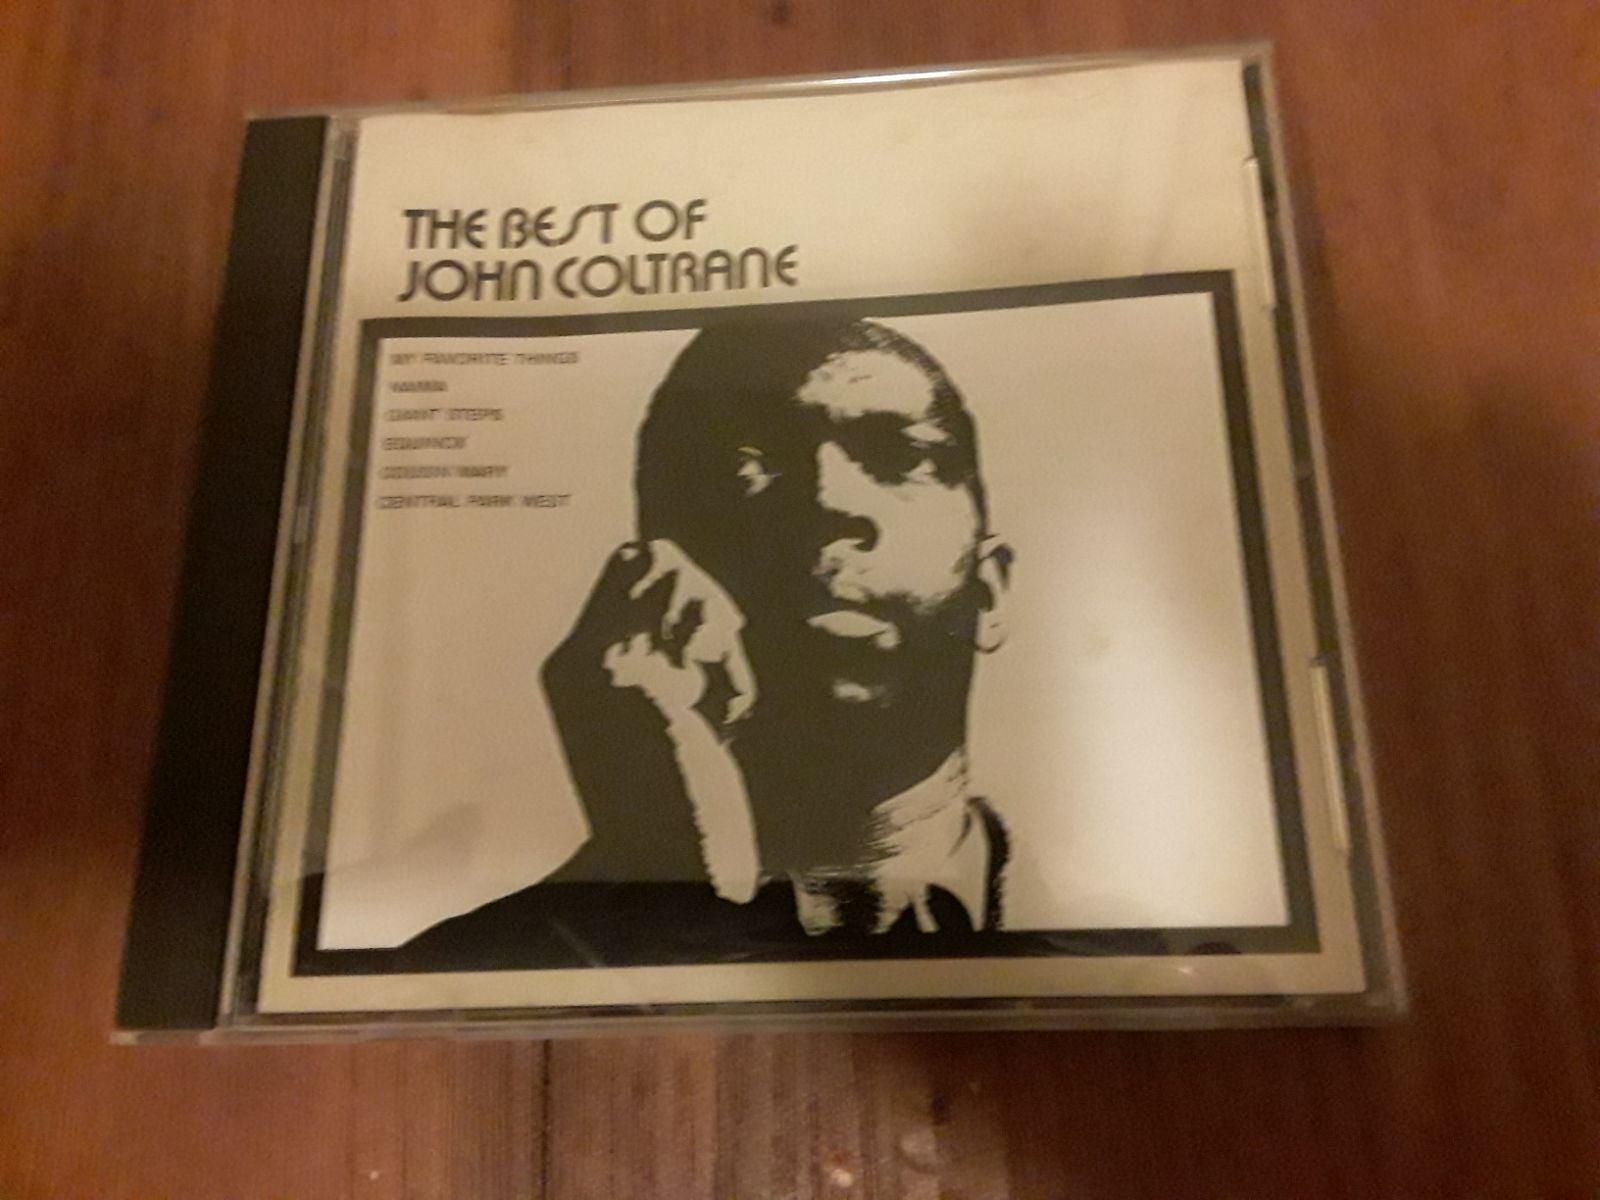 The best of John Coltrane CD